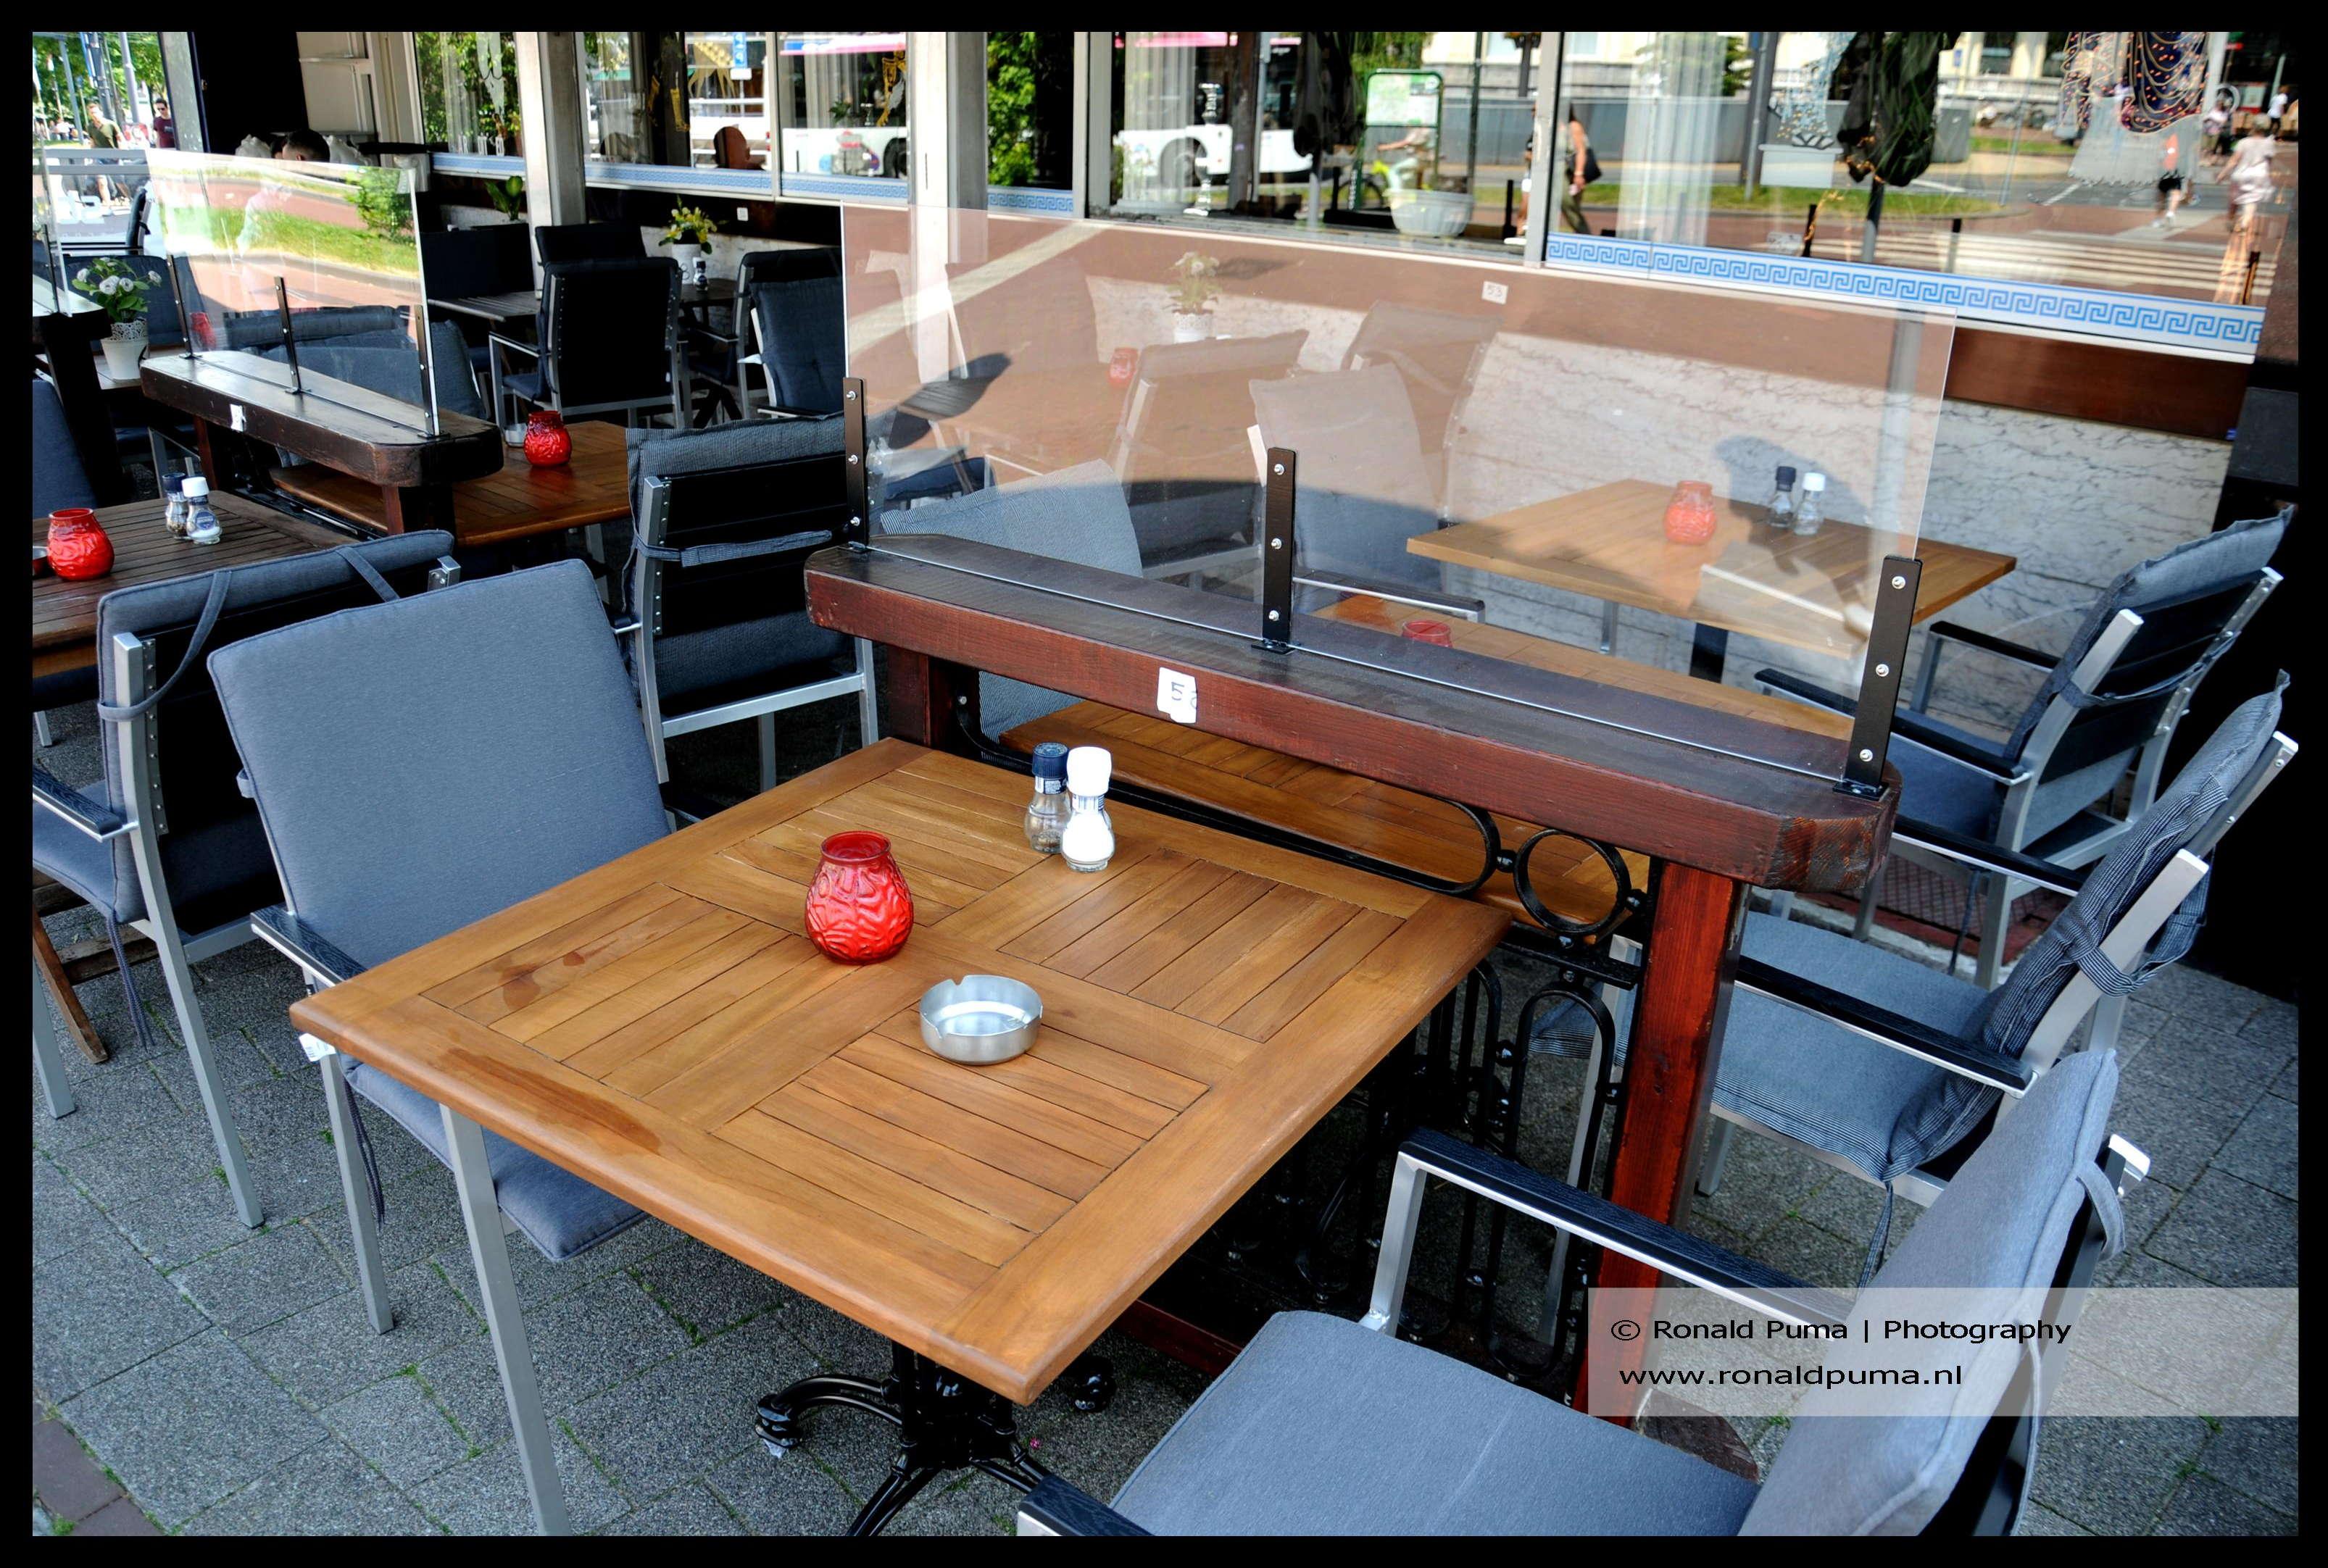 Coronacrisis 16.05.2021 (C) Ronald Puma 02 Restaurant met spatschermen tussen de tafeltjes is klaar voor verdere versoepelingen van de de coronamaatregelen.